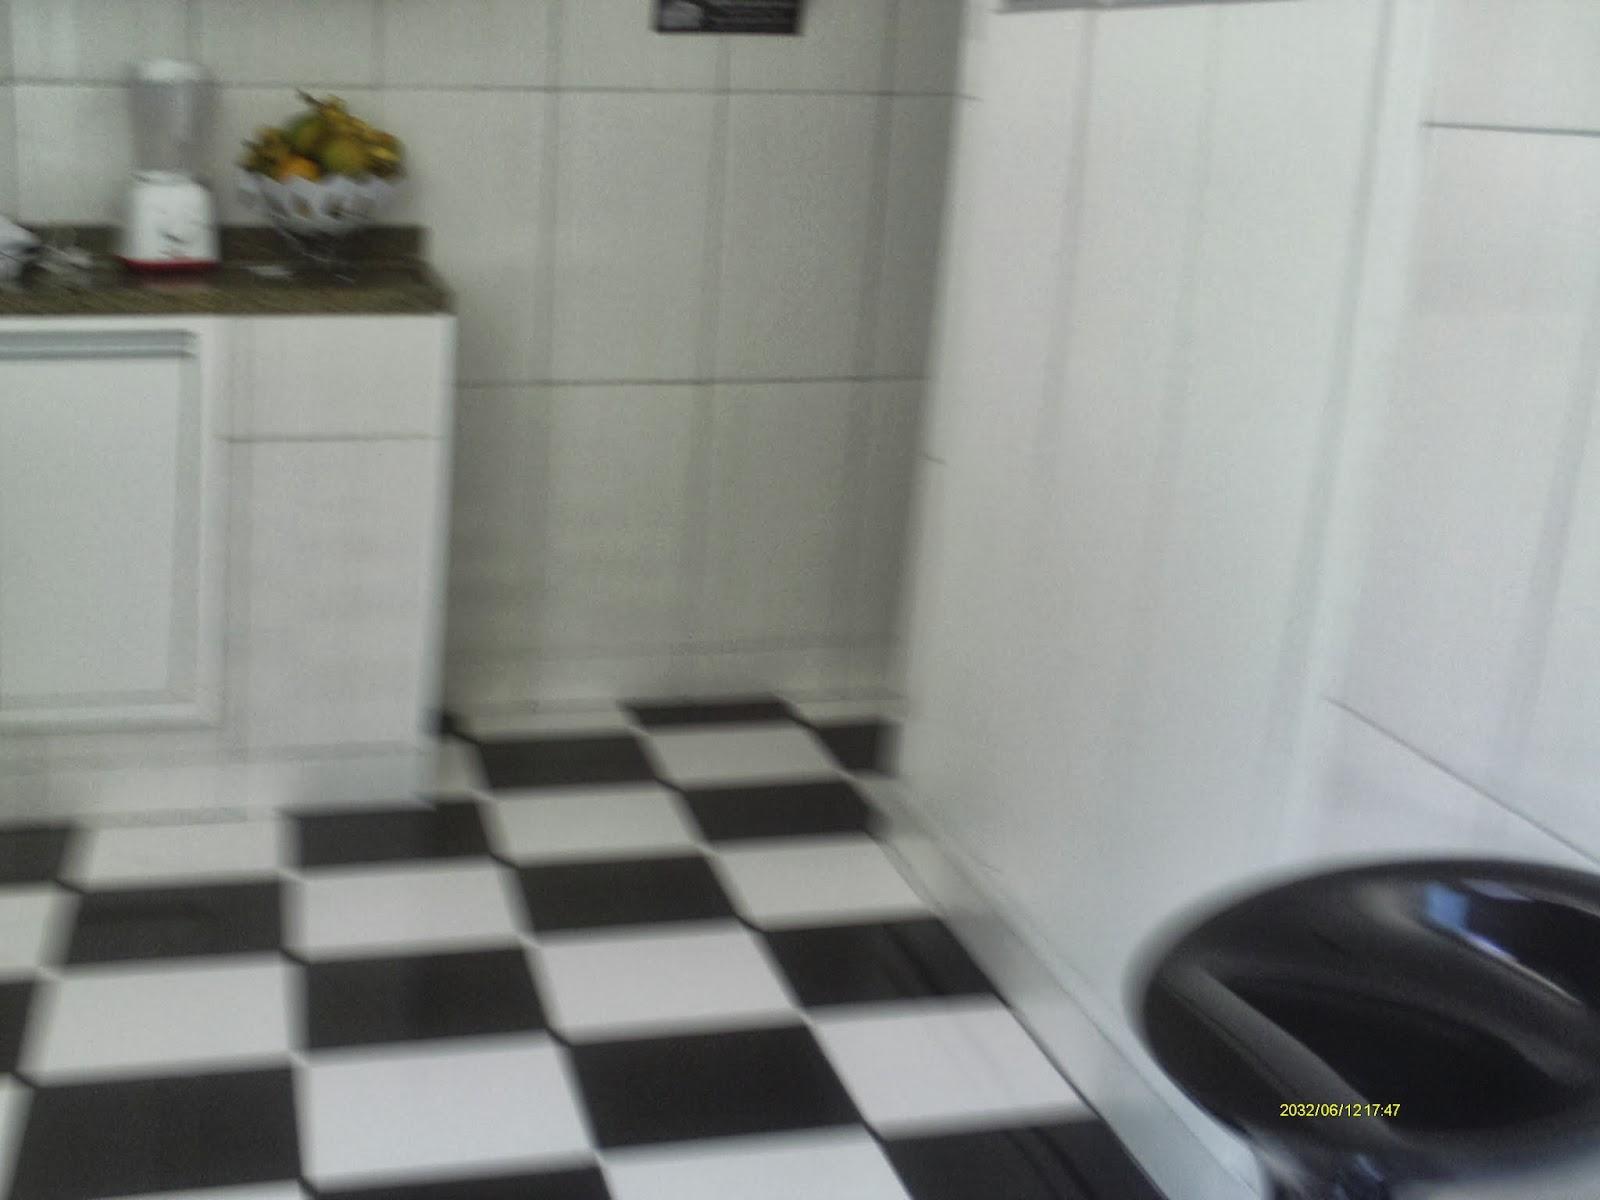 Casa Cocotá Ilha do Governador Avelino Freire Imóveis #5B4D2F 1600x1200 Banheiro Com Hidro Pequeno